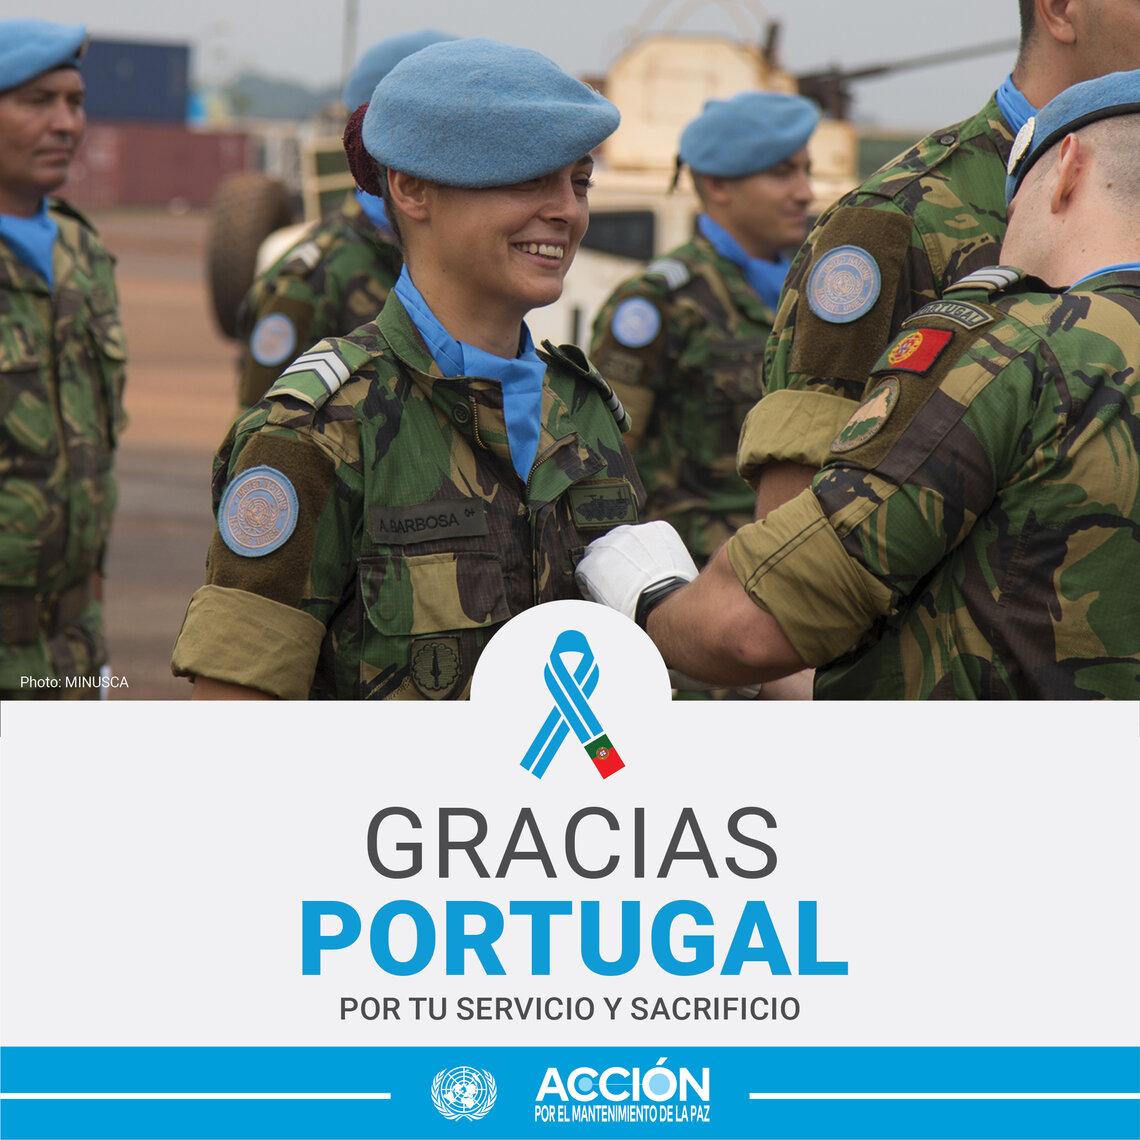 Tarjeta de una casco azul de Portugal con otros compañeros y el texto: Gracias, Portugal, por tu servicio y sacrificio.